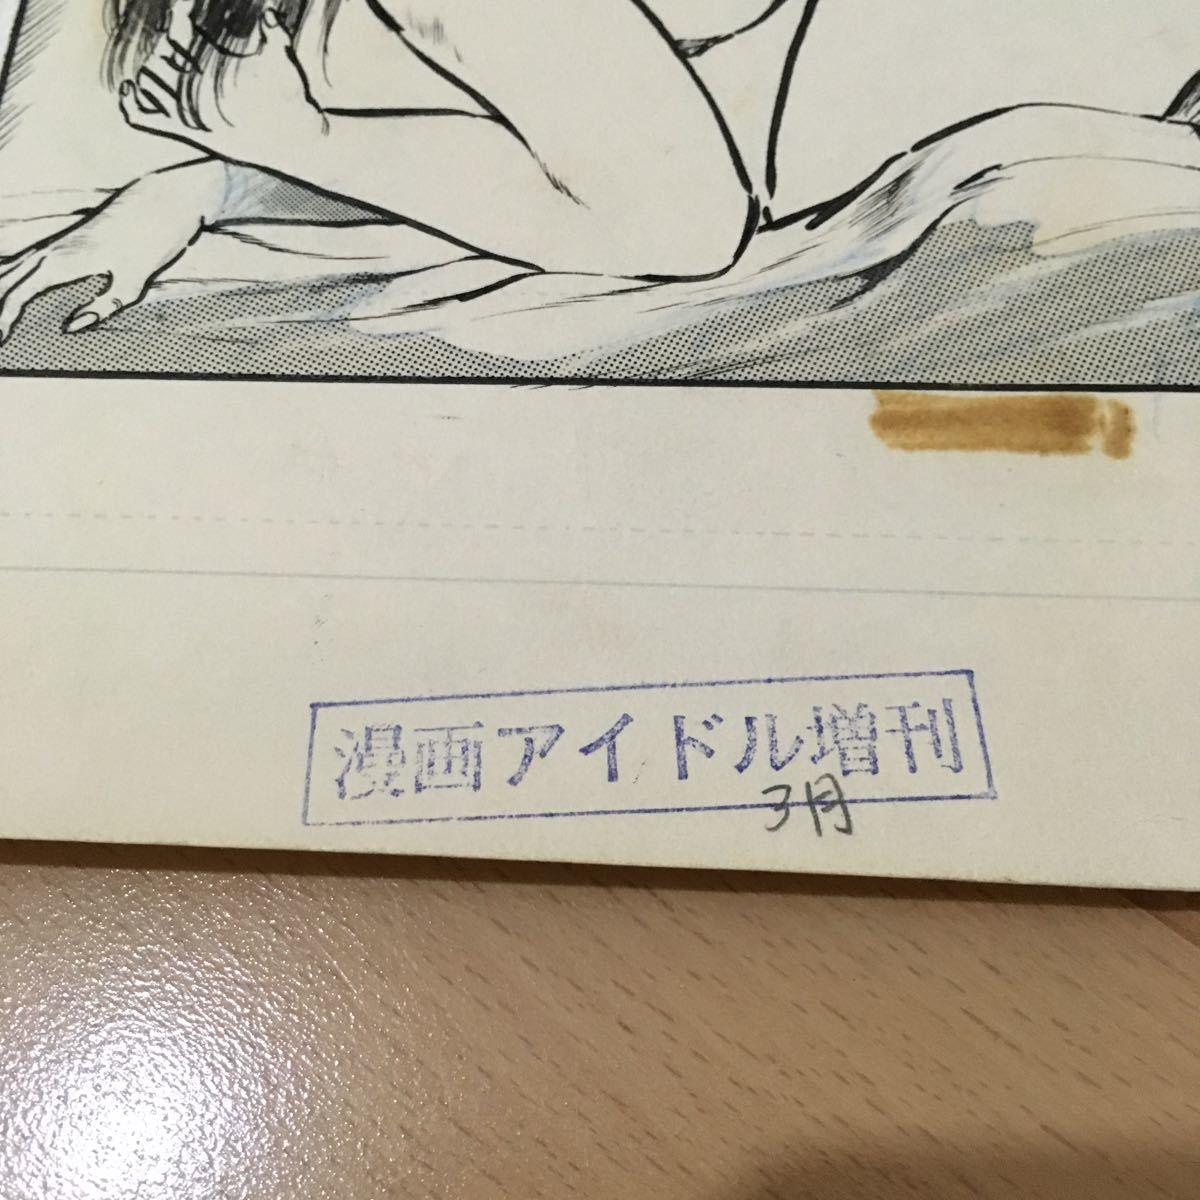 ★大島岳詩肉筆漫画原稿5枚 雑誌に掲載 稀少★_画像2